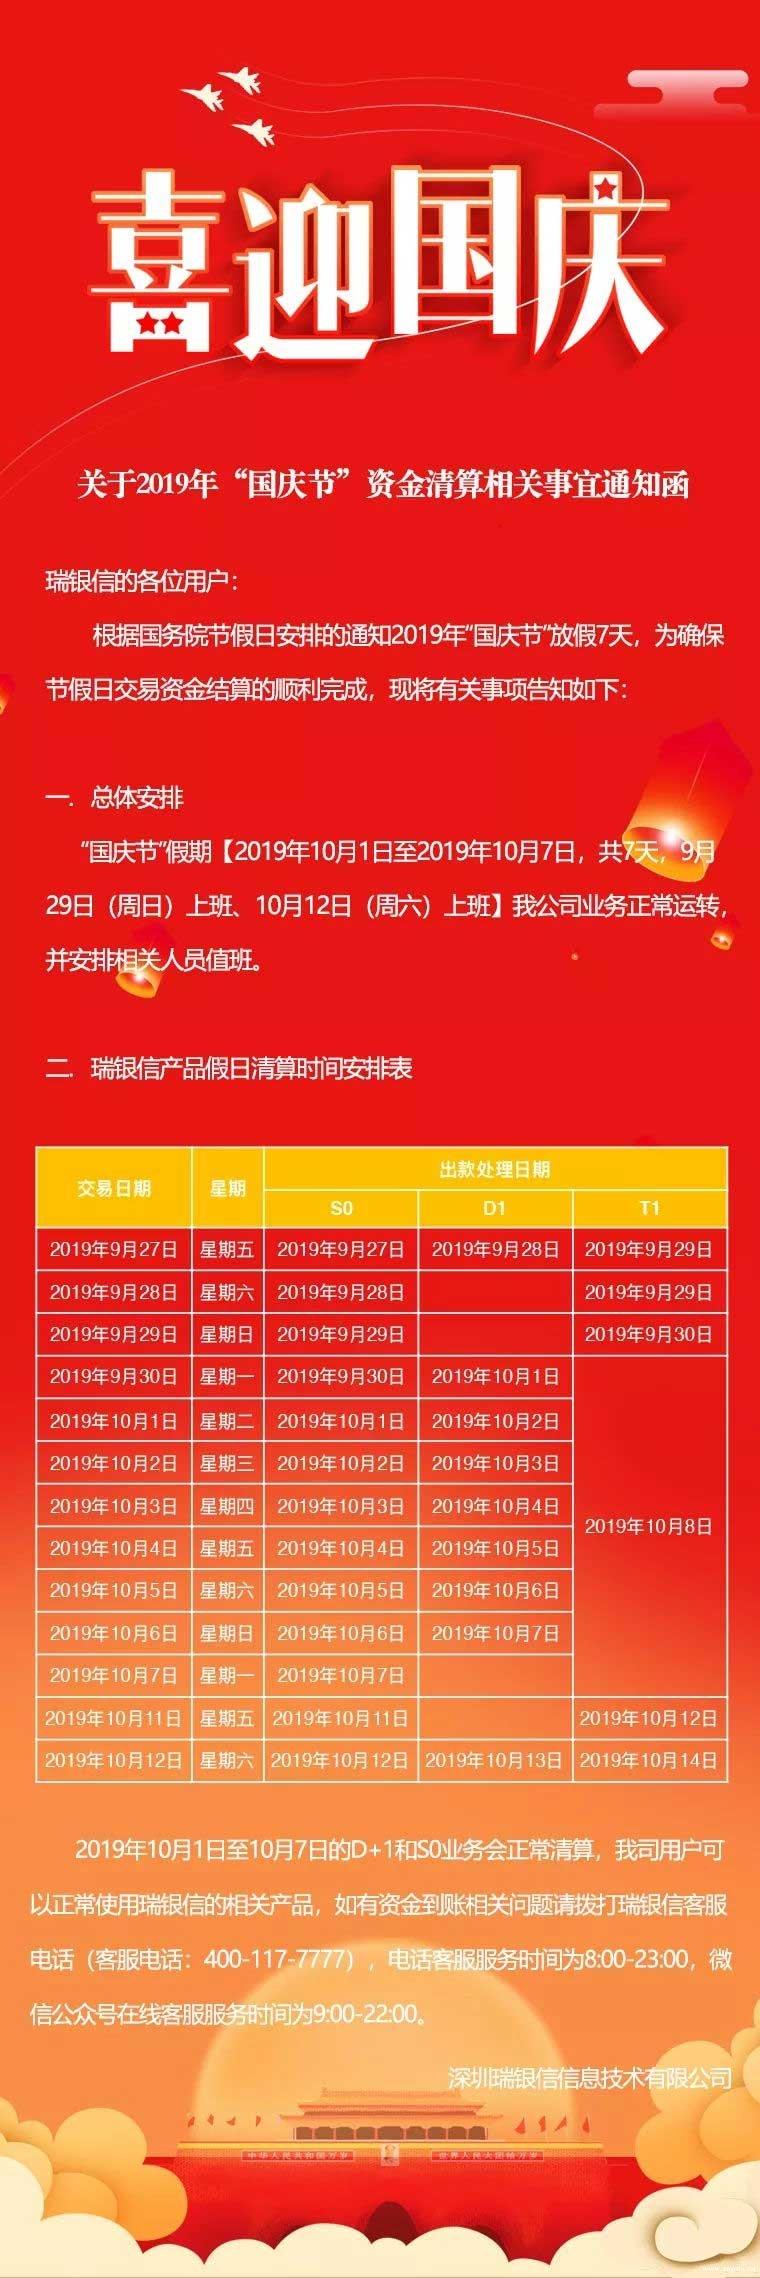 2019年瑞银信国庆节放假期间清结算通知